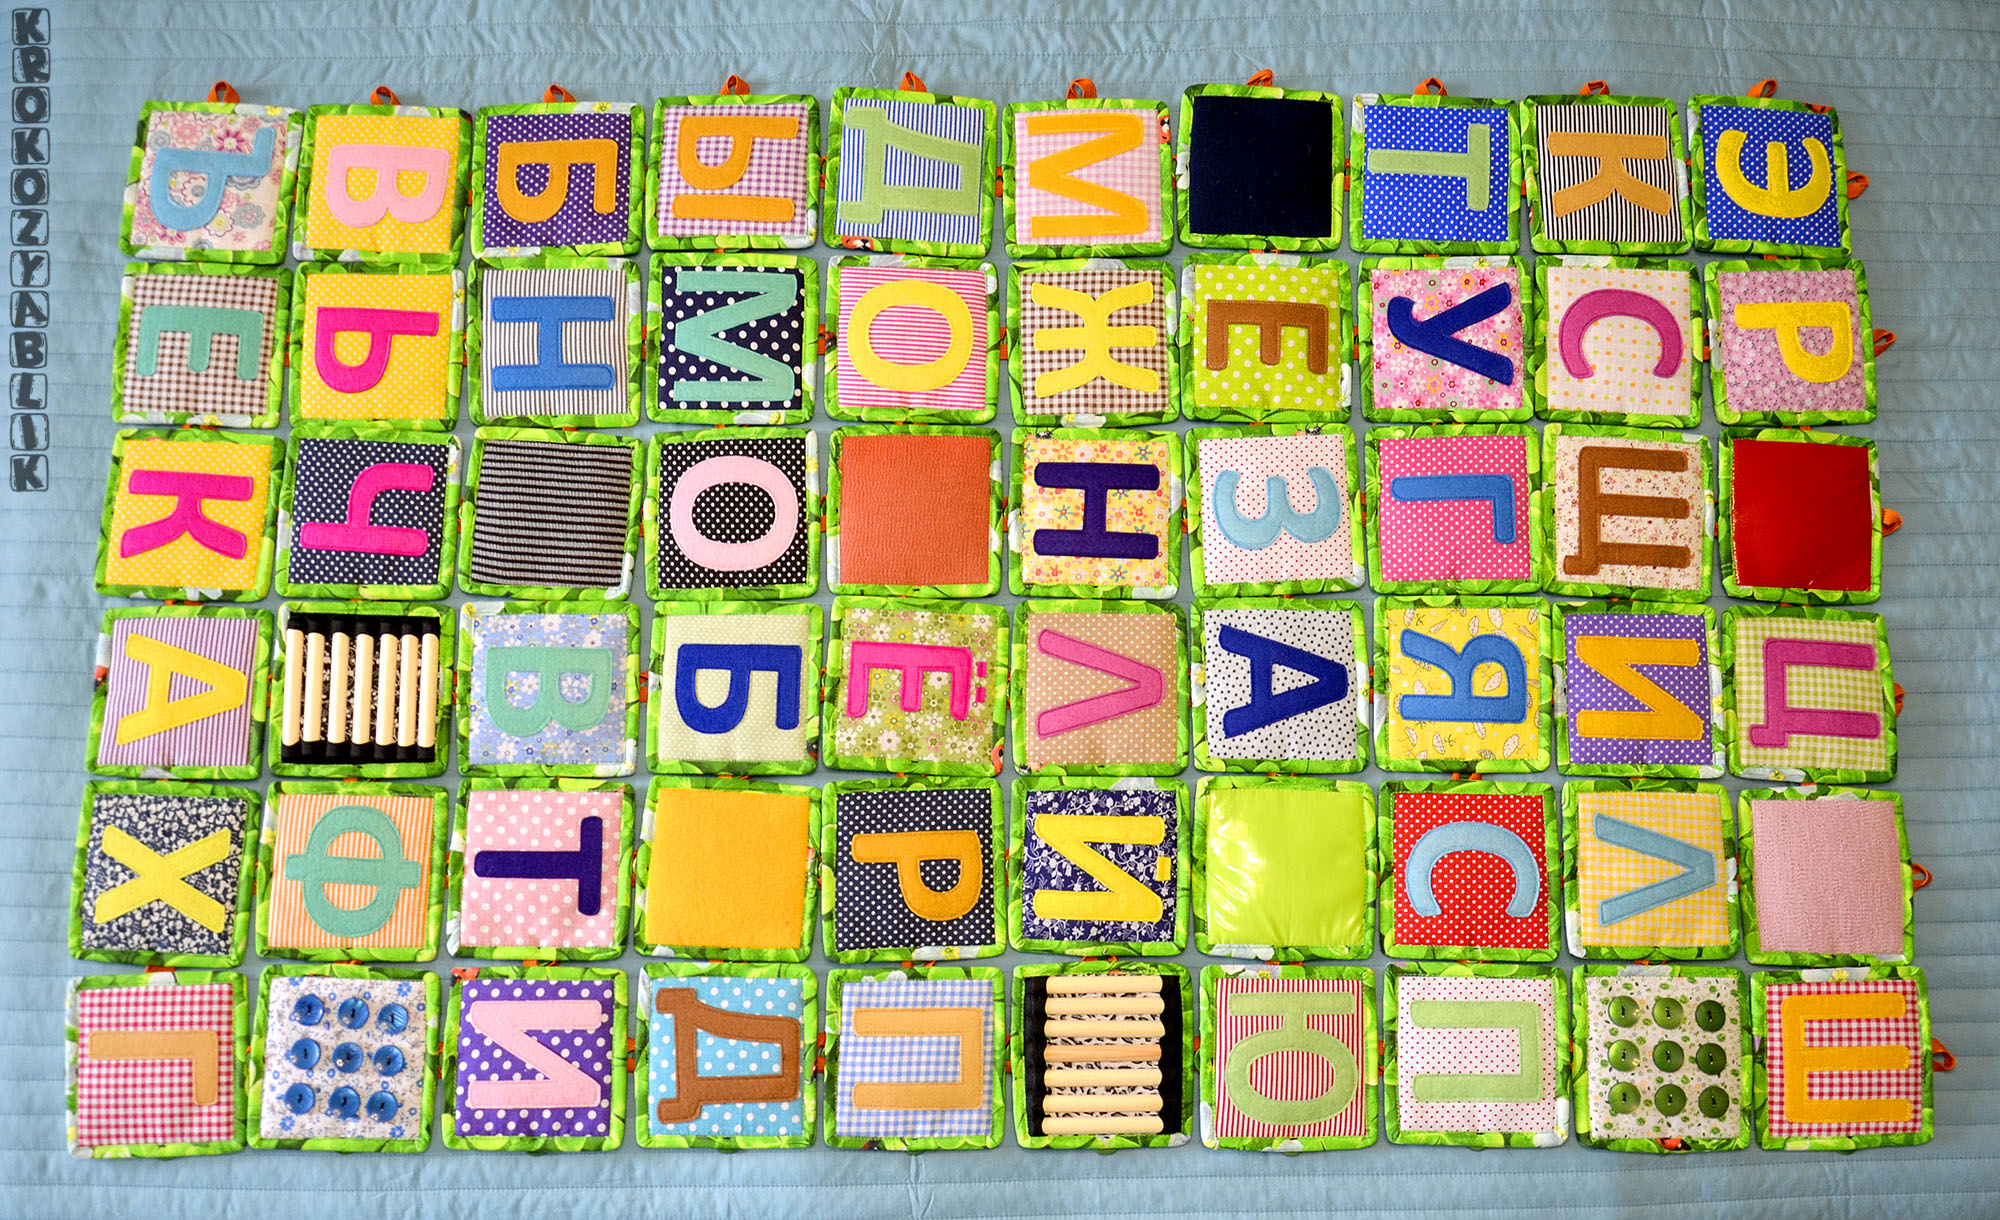 массажный коврик конструктор 10 кубиков 4.JPG